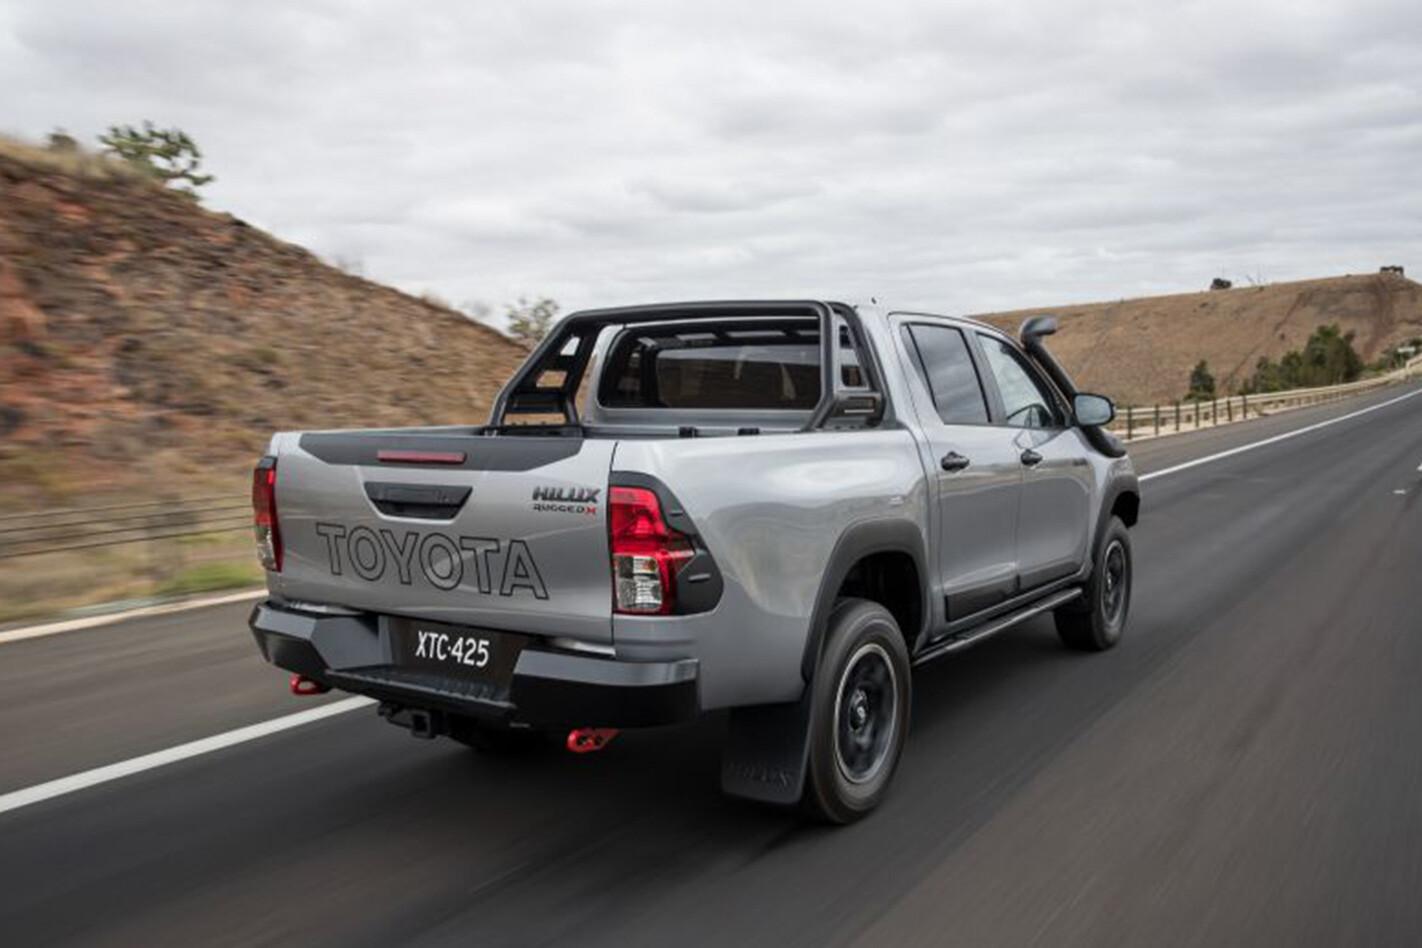 Toyota Hilix